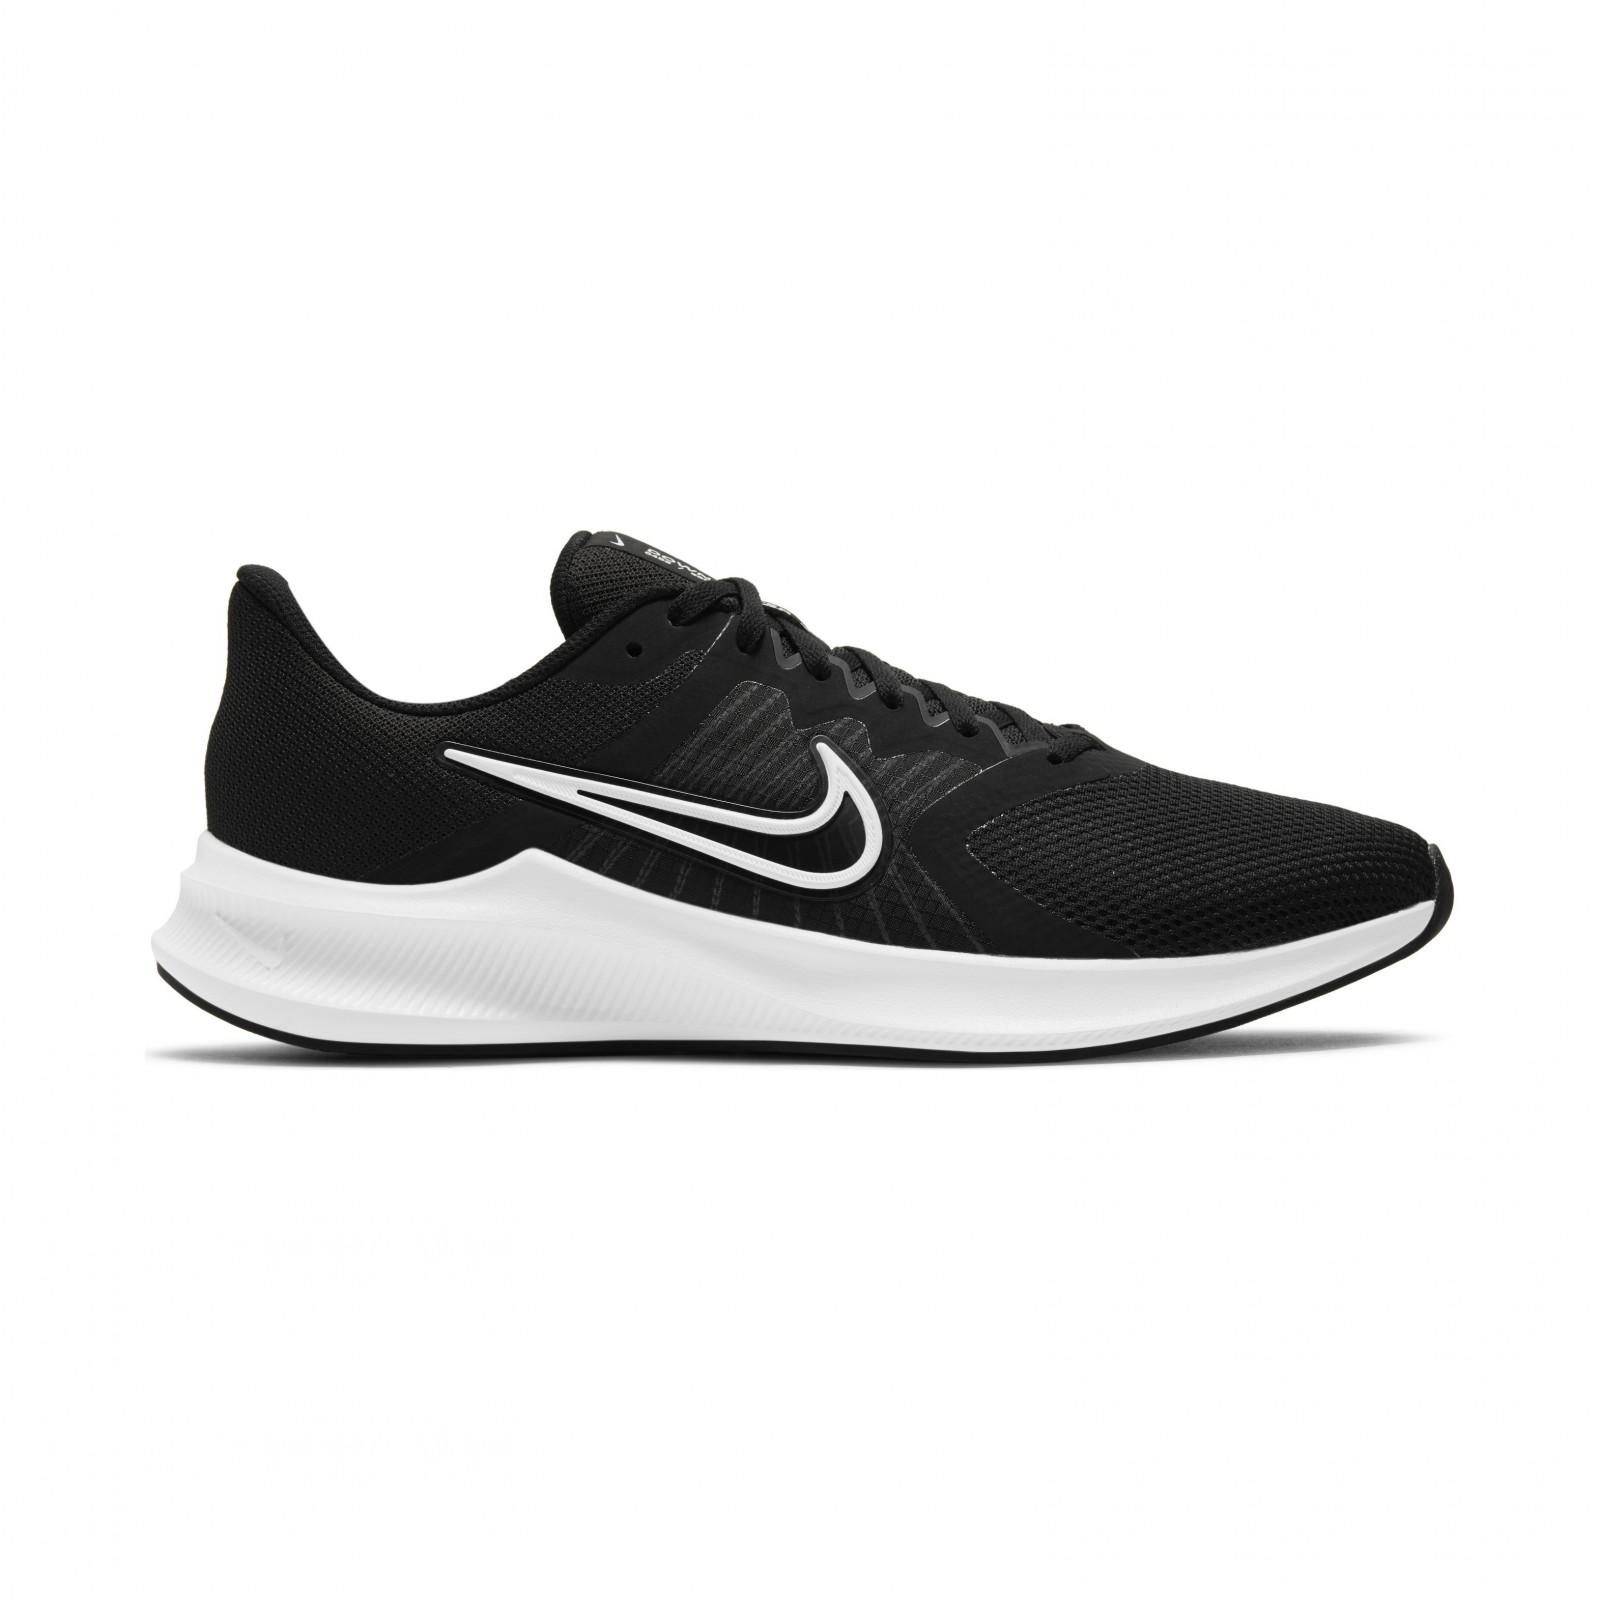 Nike Downshifter 11 BLACK/WHITE-DK SMOKE GREY